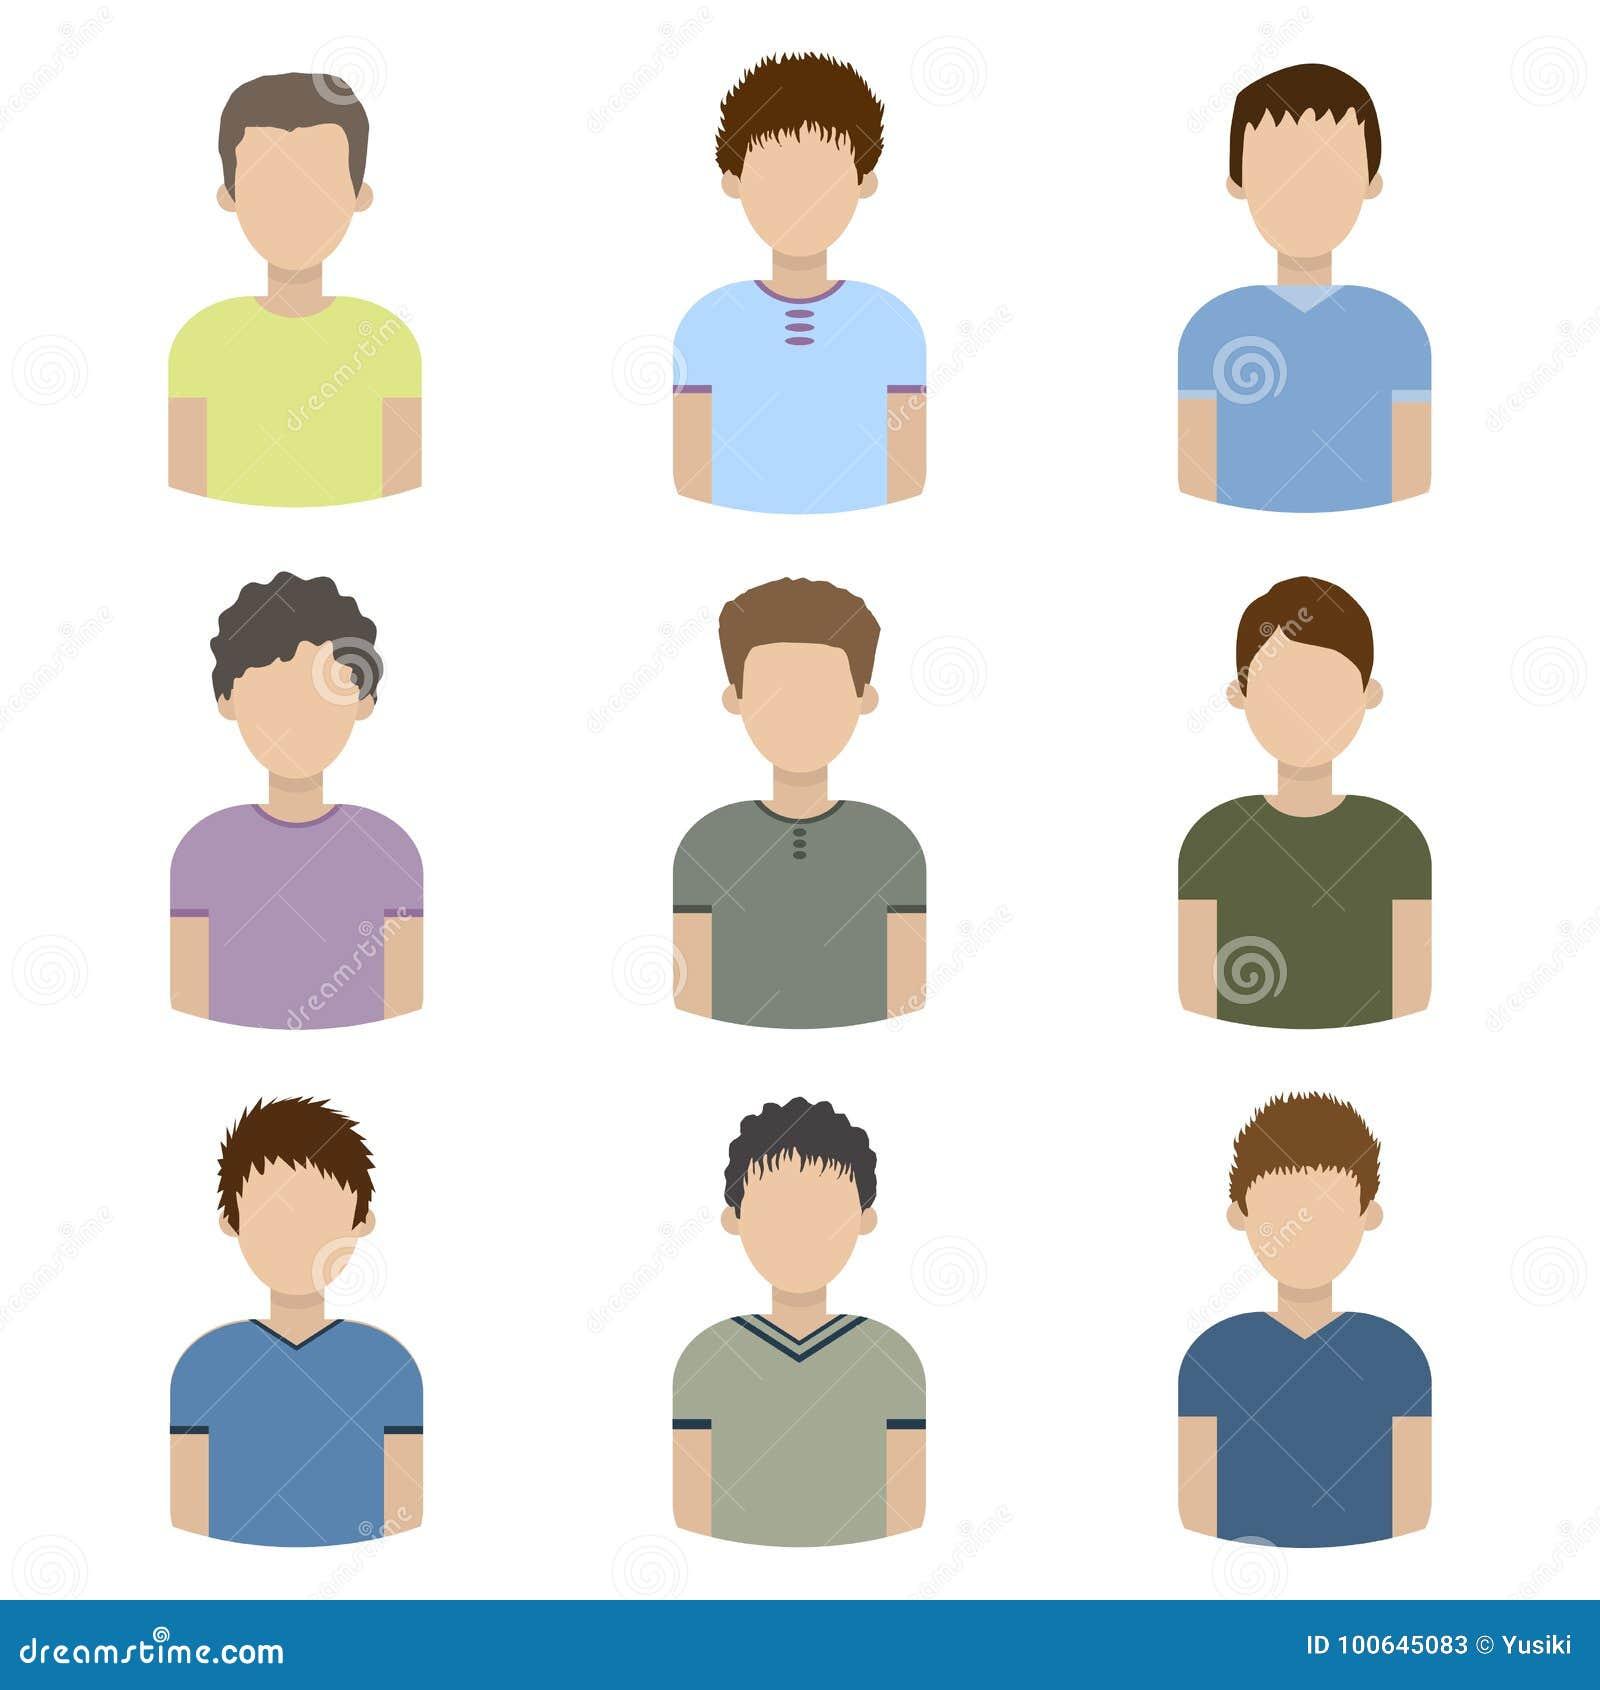 Sammlung Ikonen von Männern in einer flachen Art Männliche Avataras Satz Bilder von jungen Männern Vektor